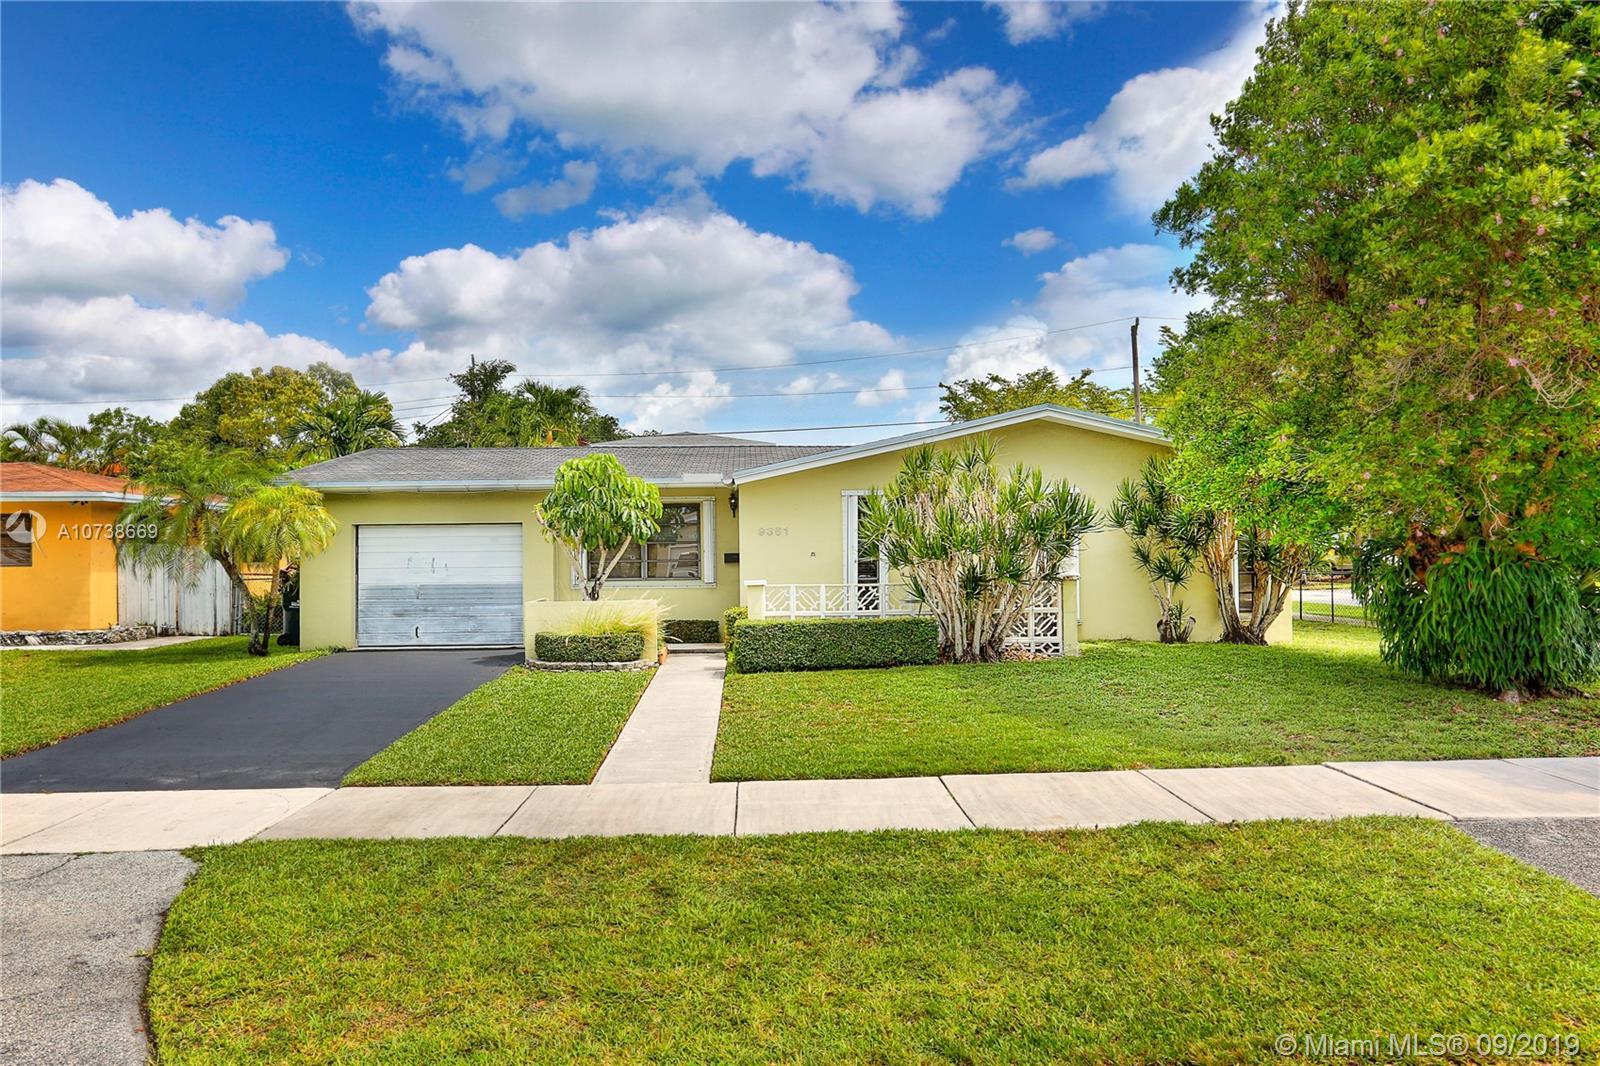 9361 SW 52nd Ter, Miami, FL 33165 - Miami, FL real estate listing